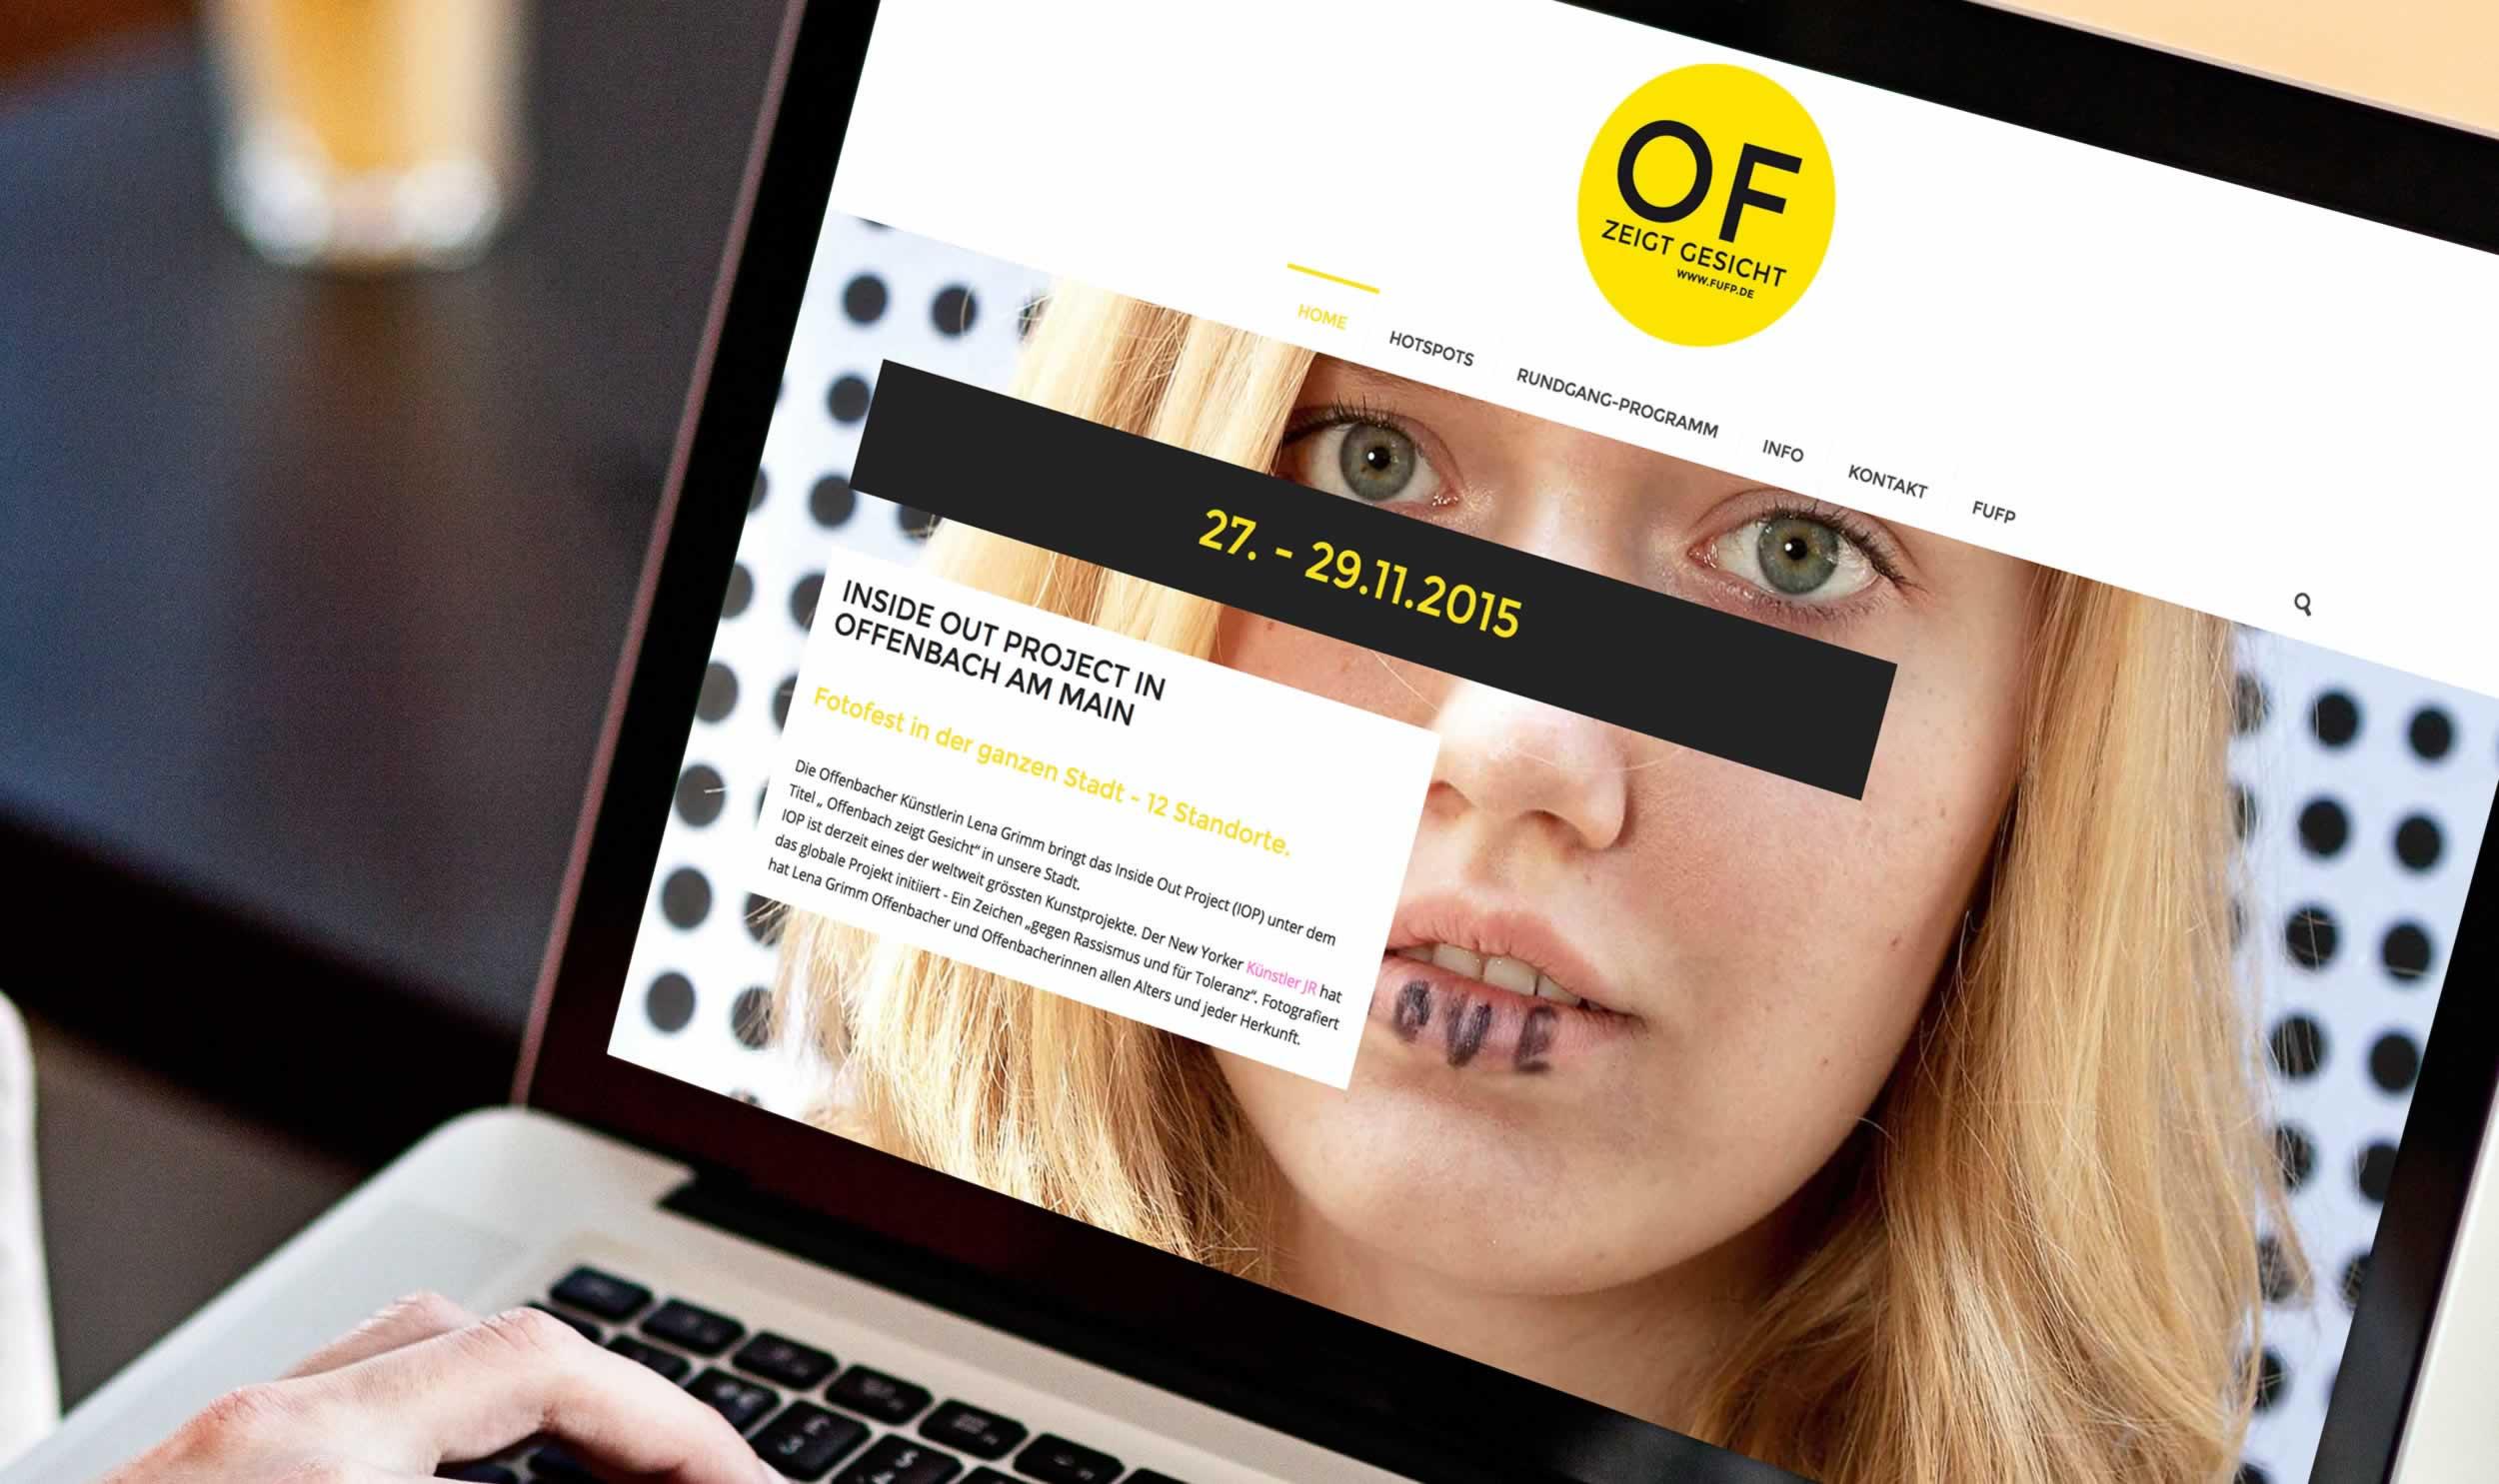 OFF_Zeigt_Gesicht_01